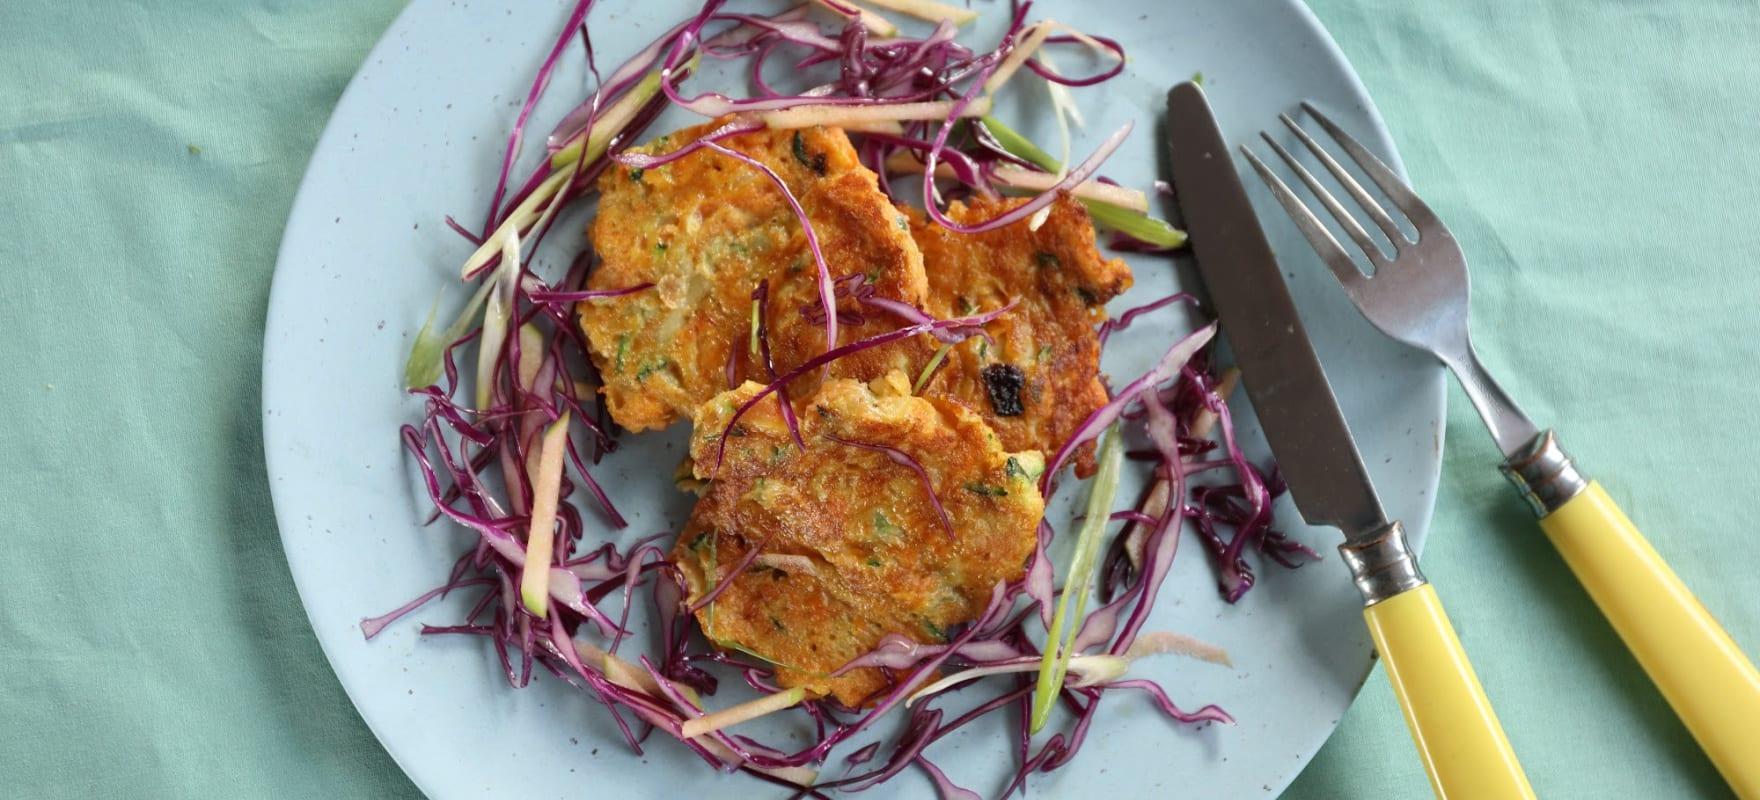 Sweet potato and zucchini fritters image 2